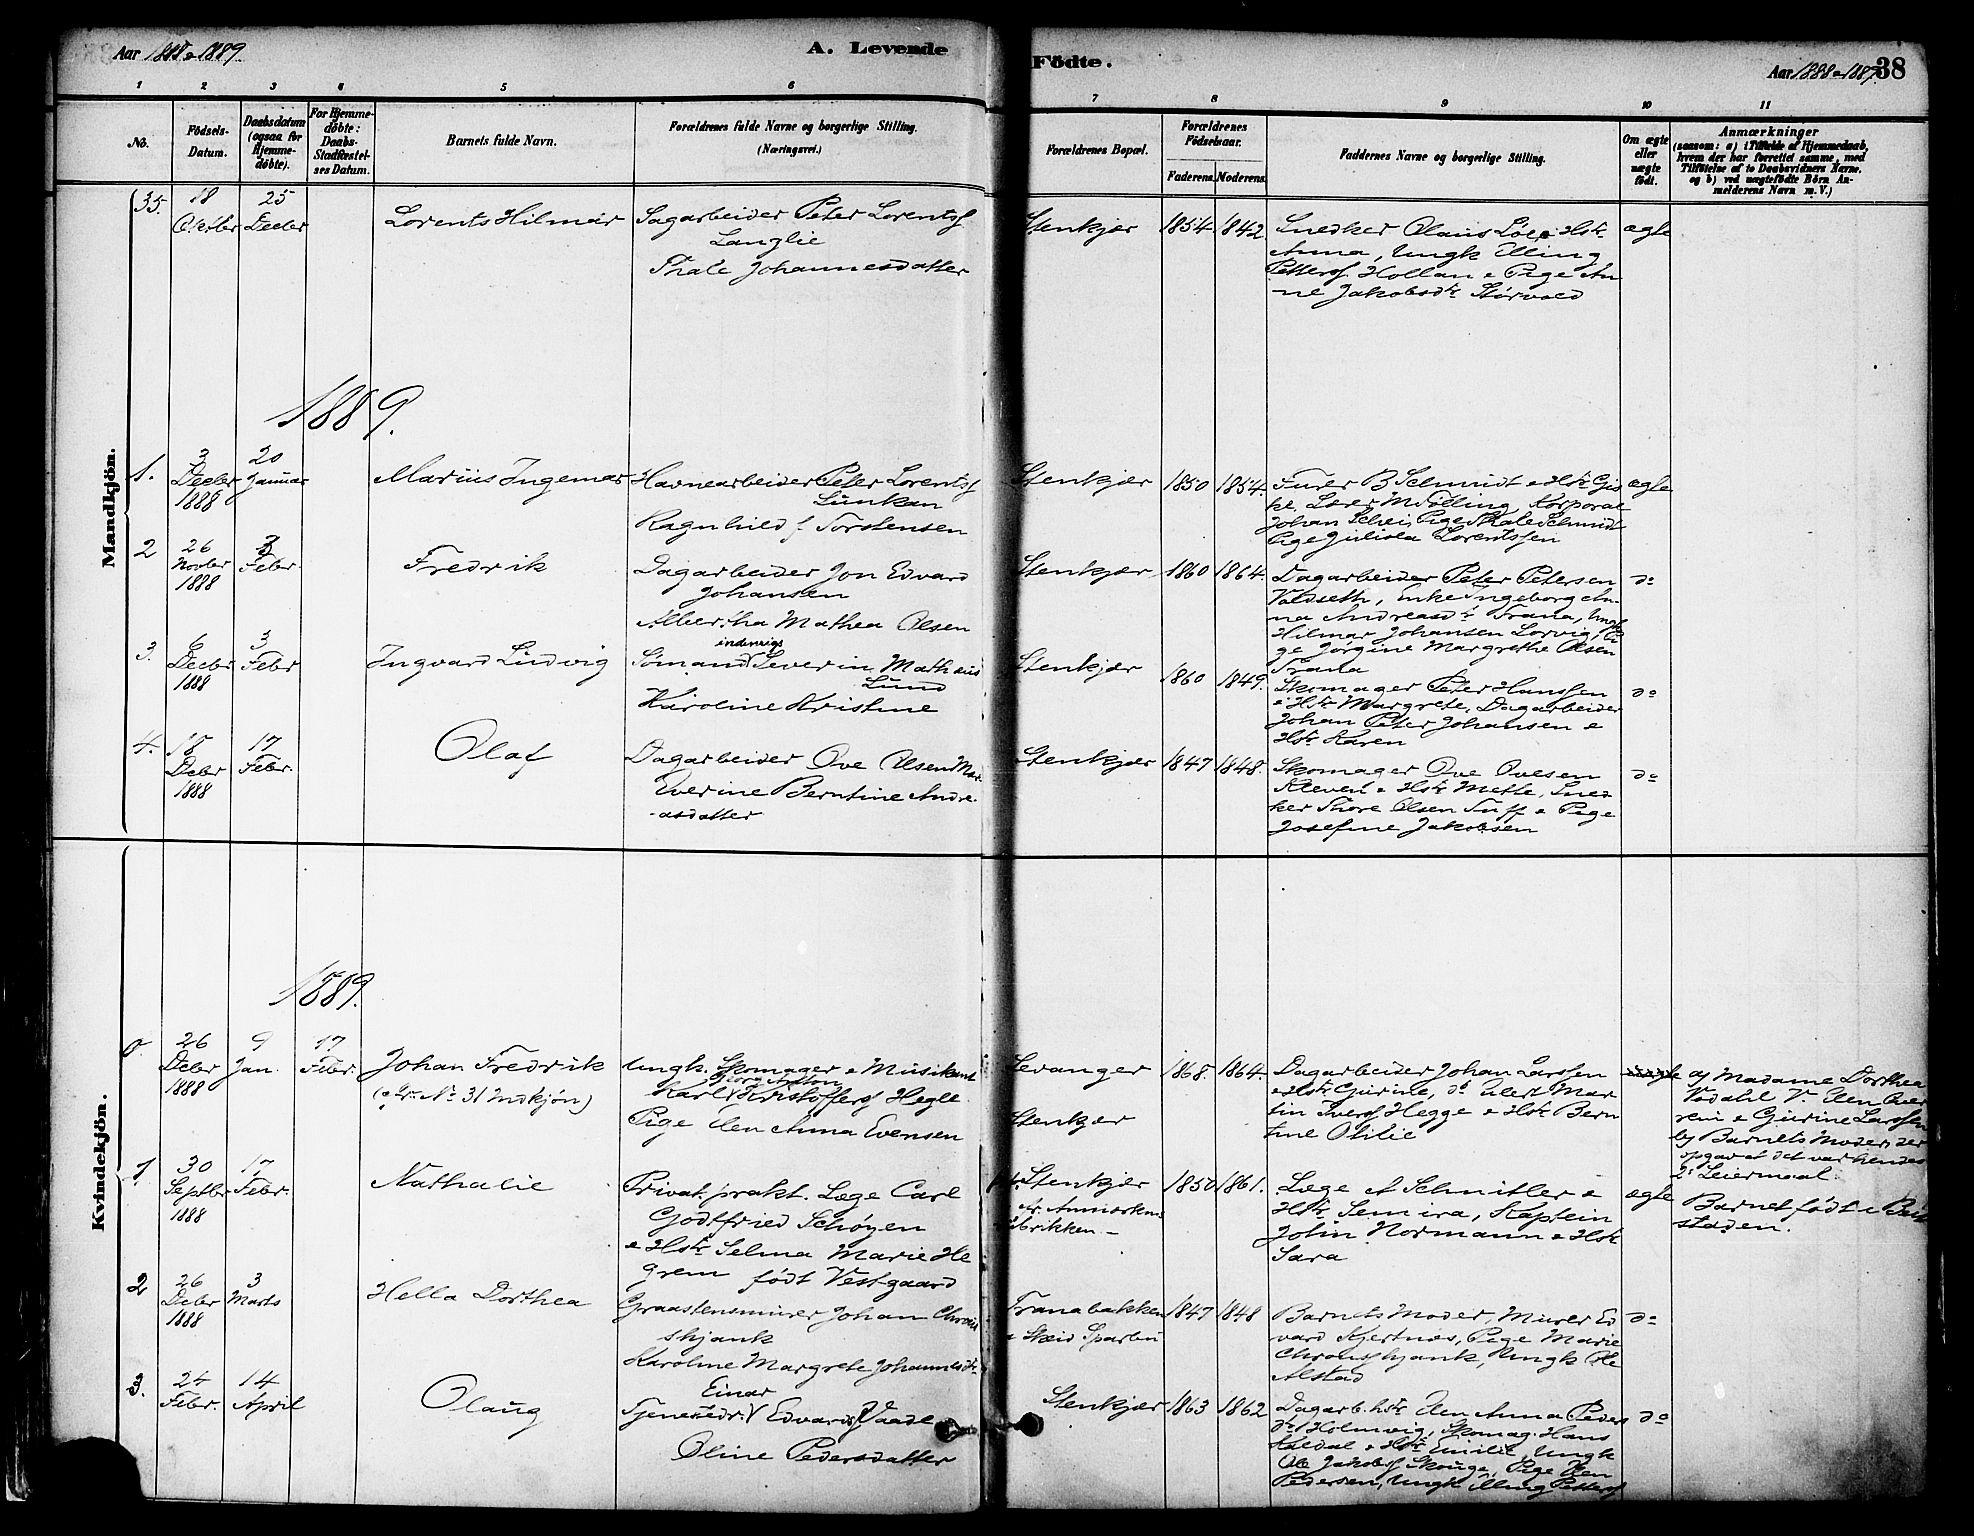 SAT, Ministerialprotokoller, klokkerbøker og fødselsregistre - Nord-Trøndelag, 739/L0371: Ministerialbok nr. 739A03, 1881-1895, s. 38